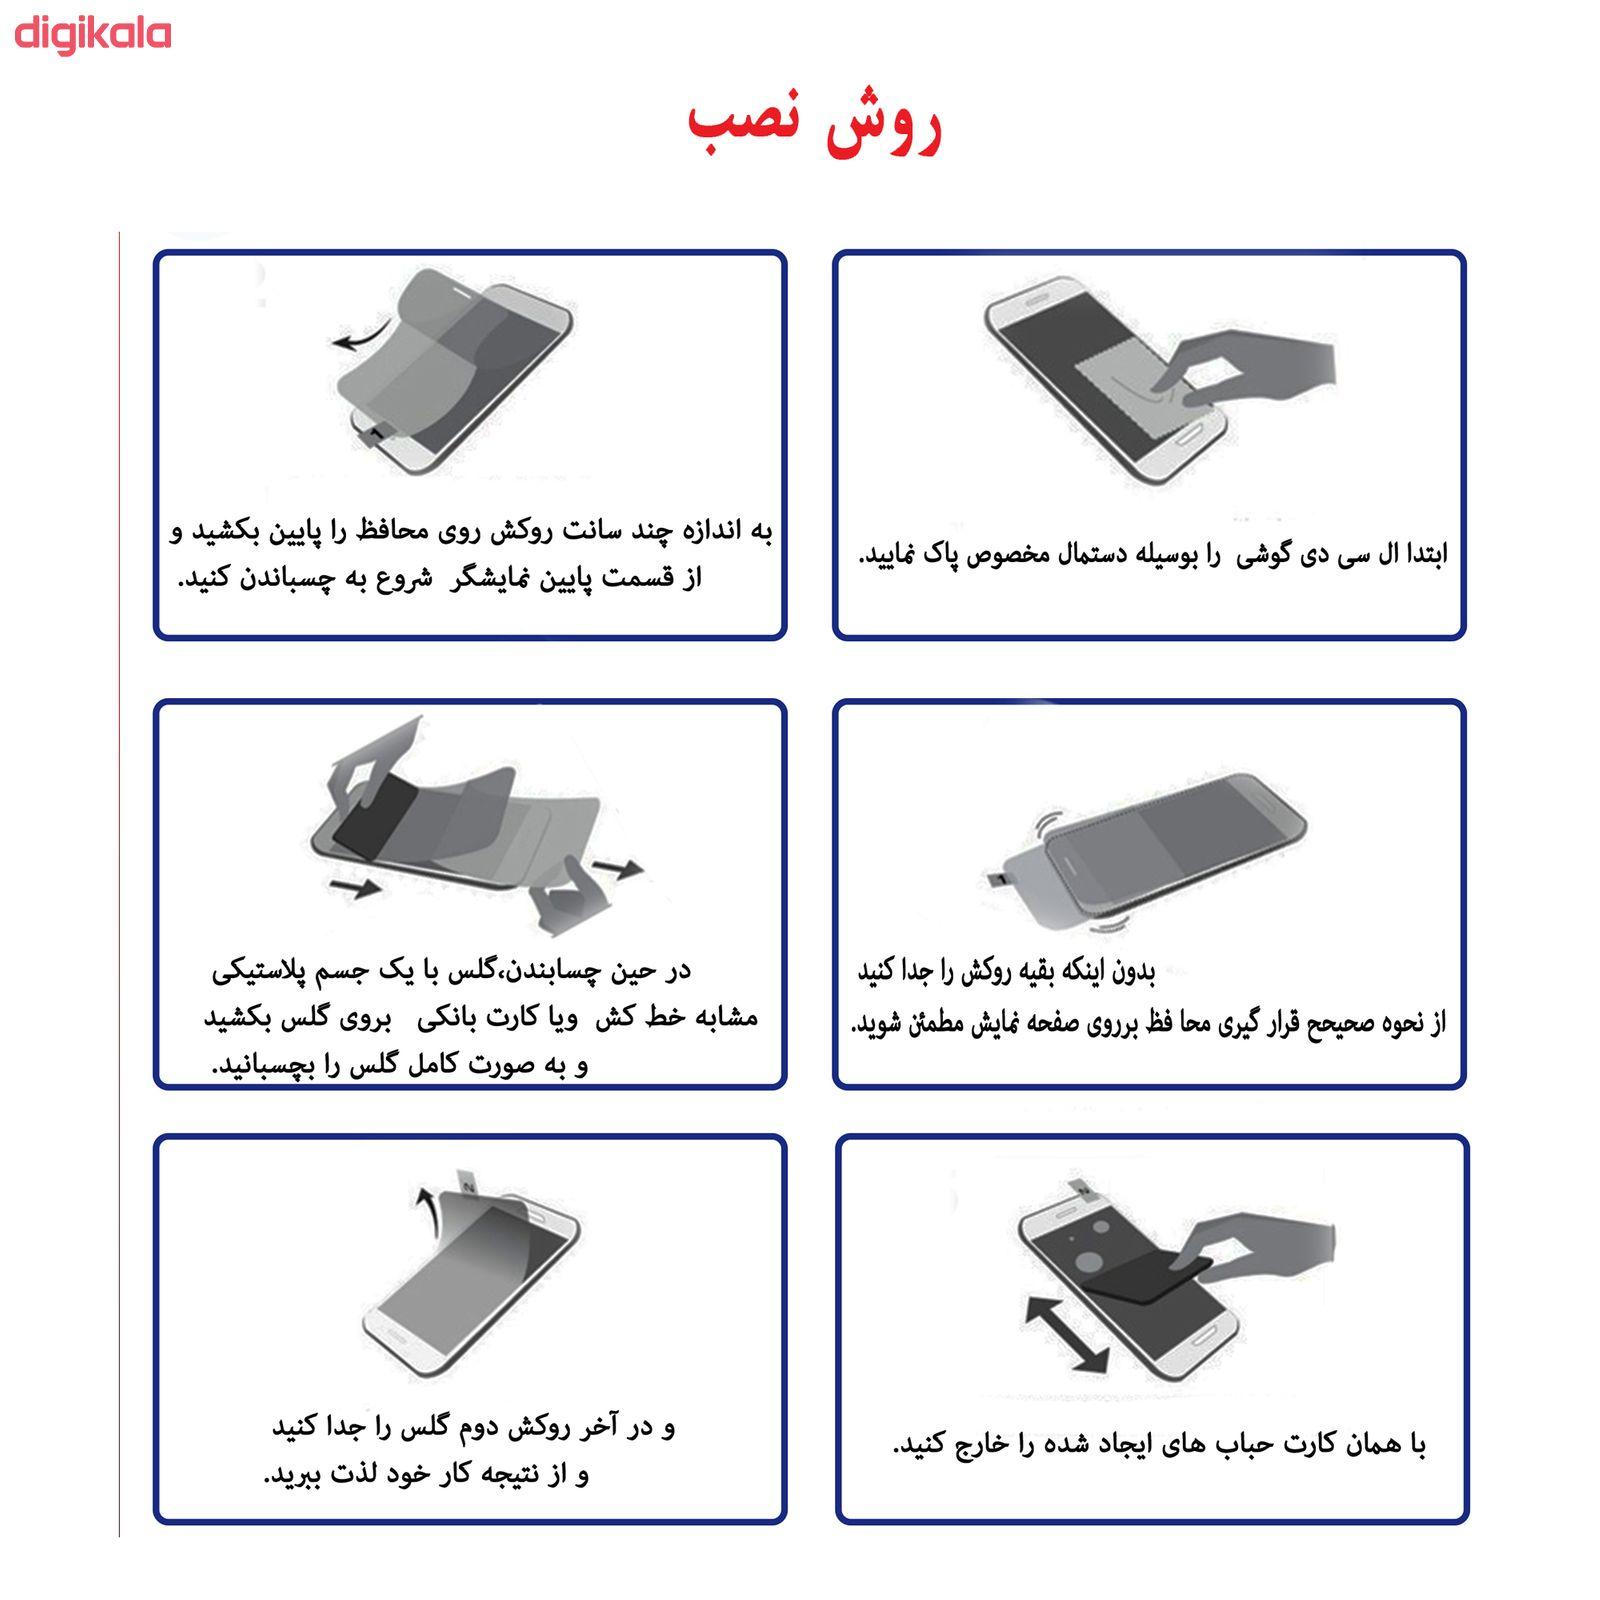 محافظ صفحه نمایش مدل MCRMCM-2 مناسب برای گوشی موبایل سامسونگ Galaxy A40 main 1 4